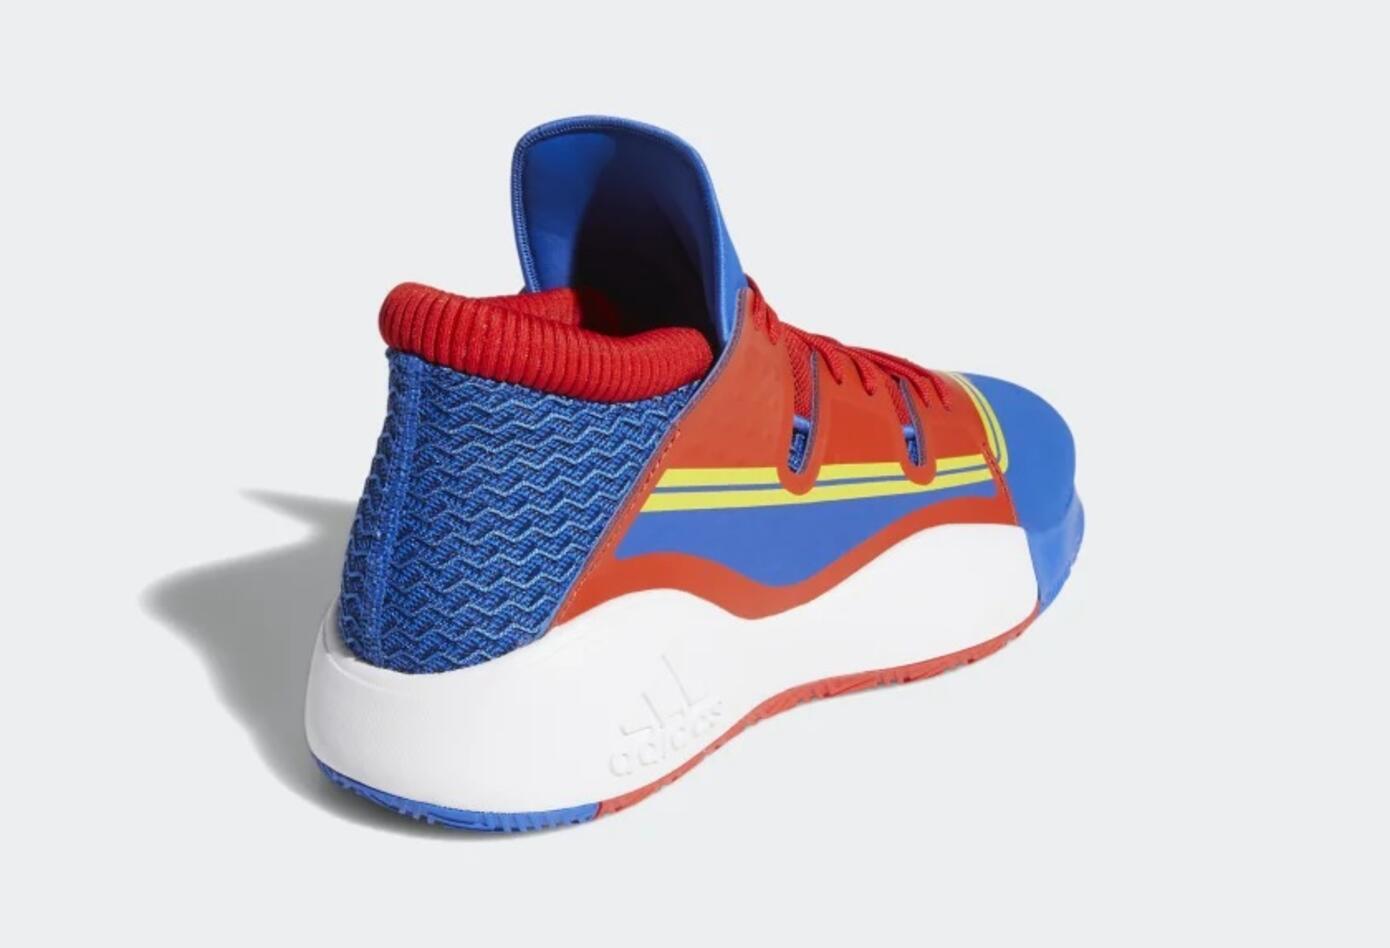 Adidas se inspiró en Avengers para crear nueva colección de